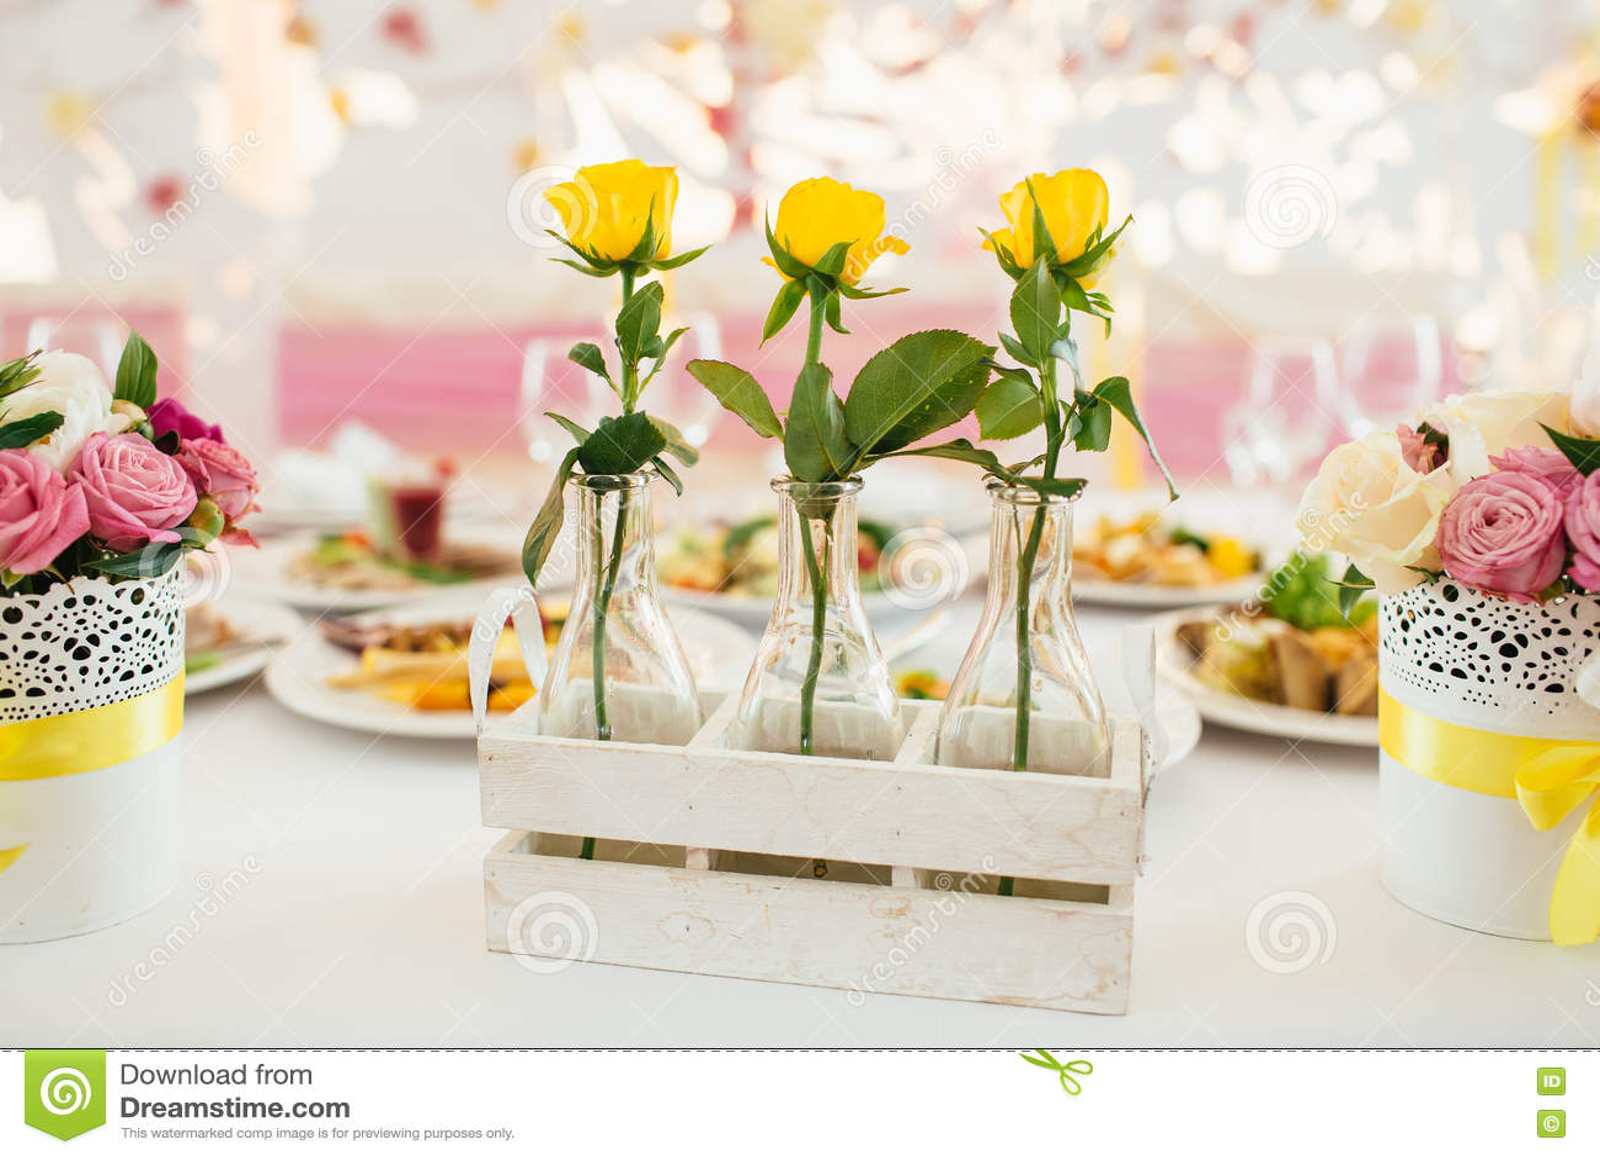 Trois roses de tellow en verre vasen sur la table décorée par fantaisie